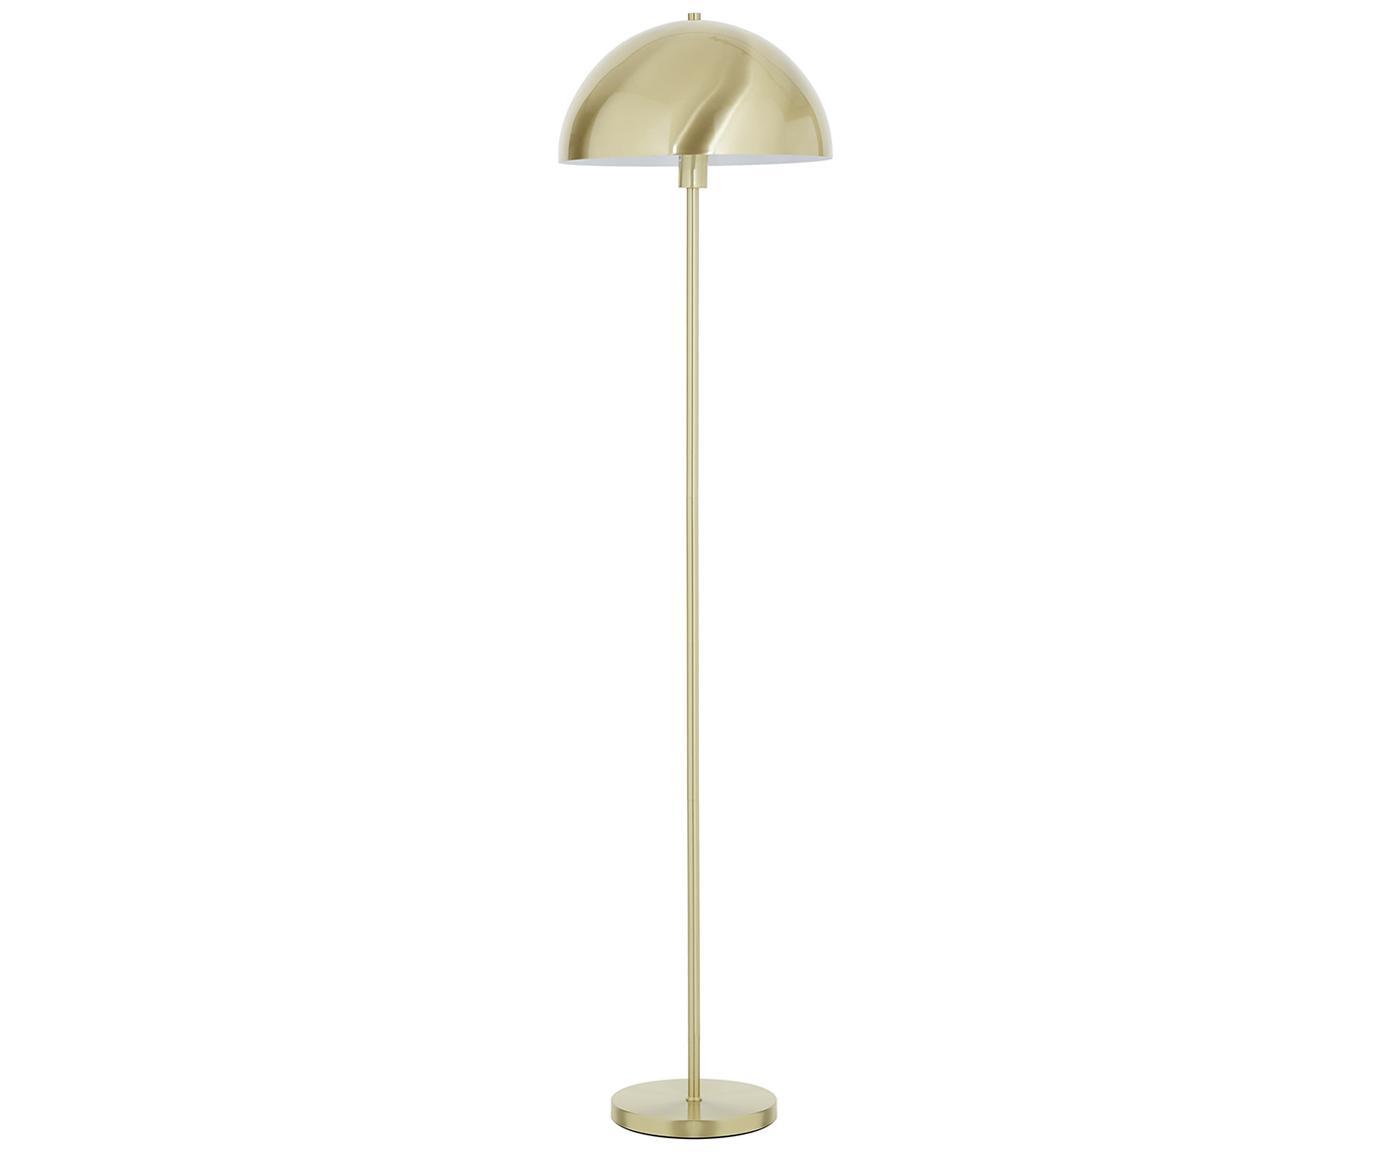 Lampada da terra Matilda, Paralume: metallo spazzolato, Base della lampada: metallo ottonato, Ottonato, Ø 40 x Alt. 164 cm